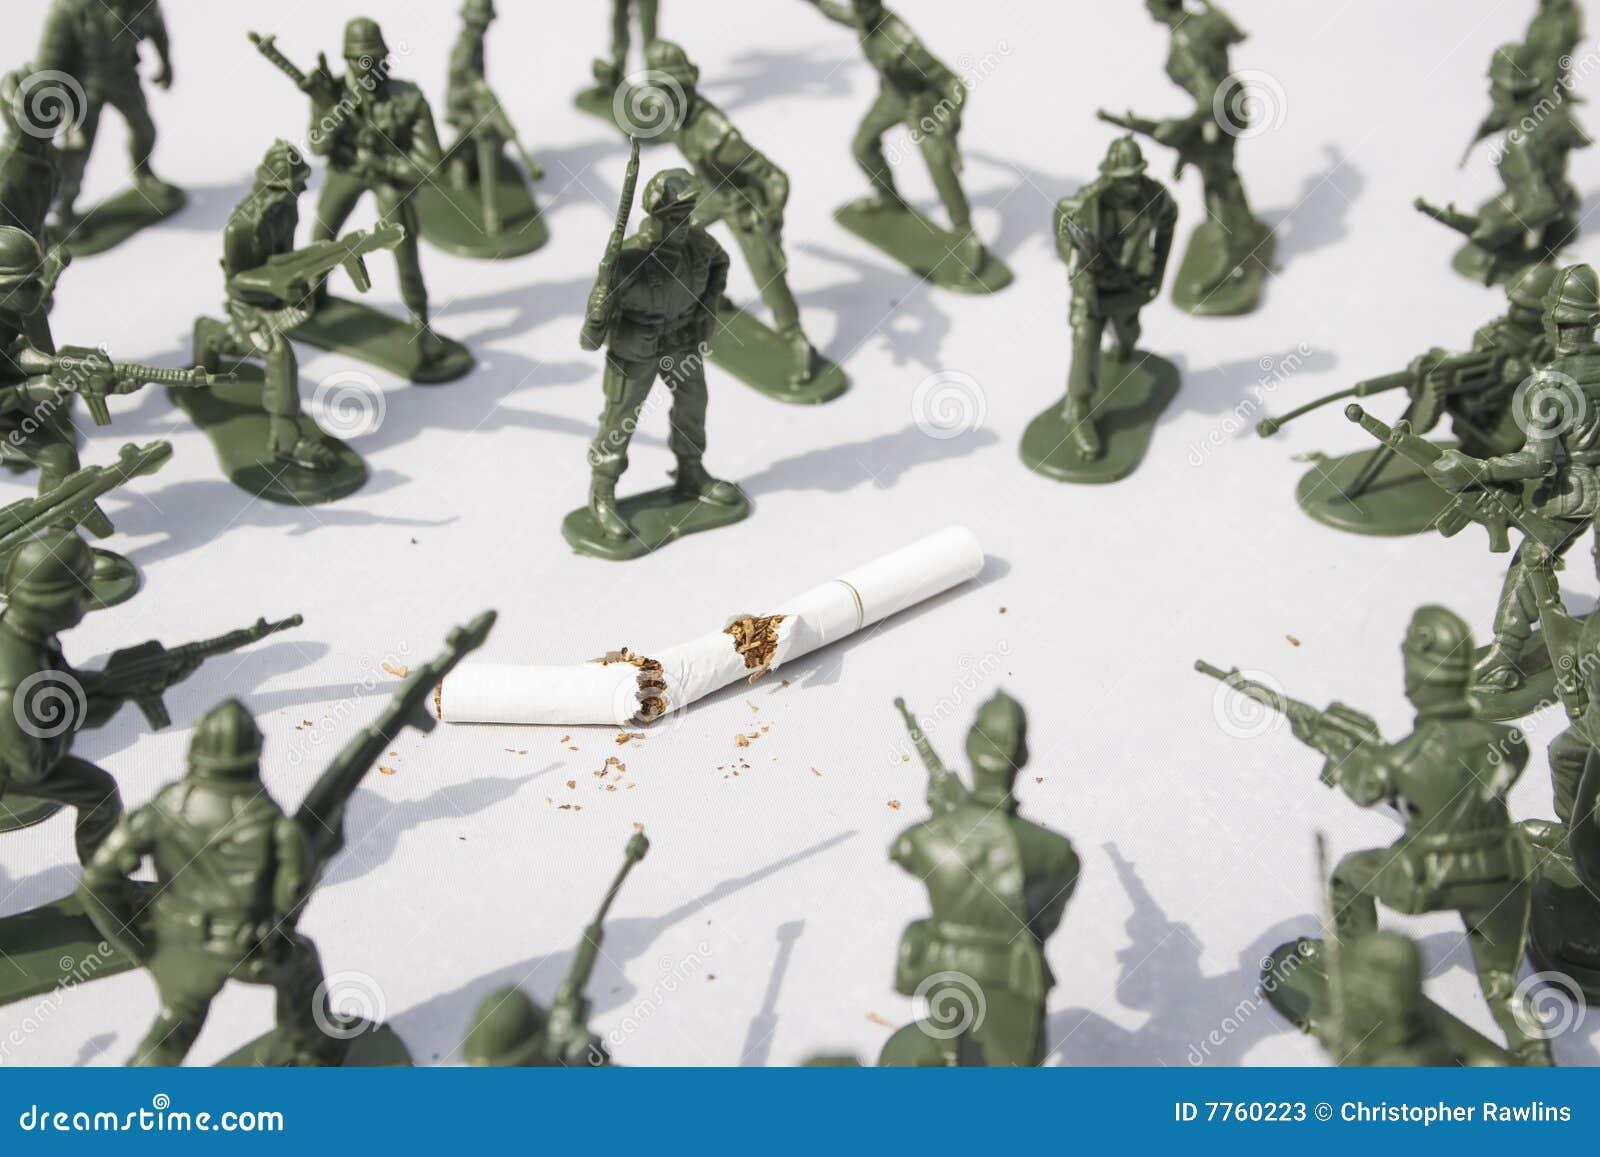 War on Smoking - control